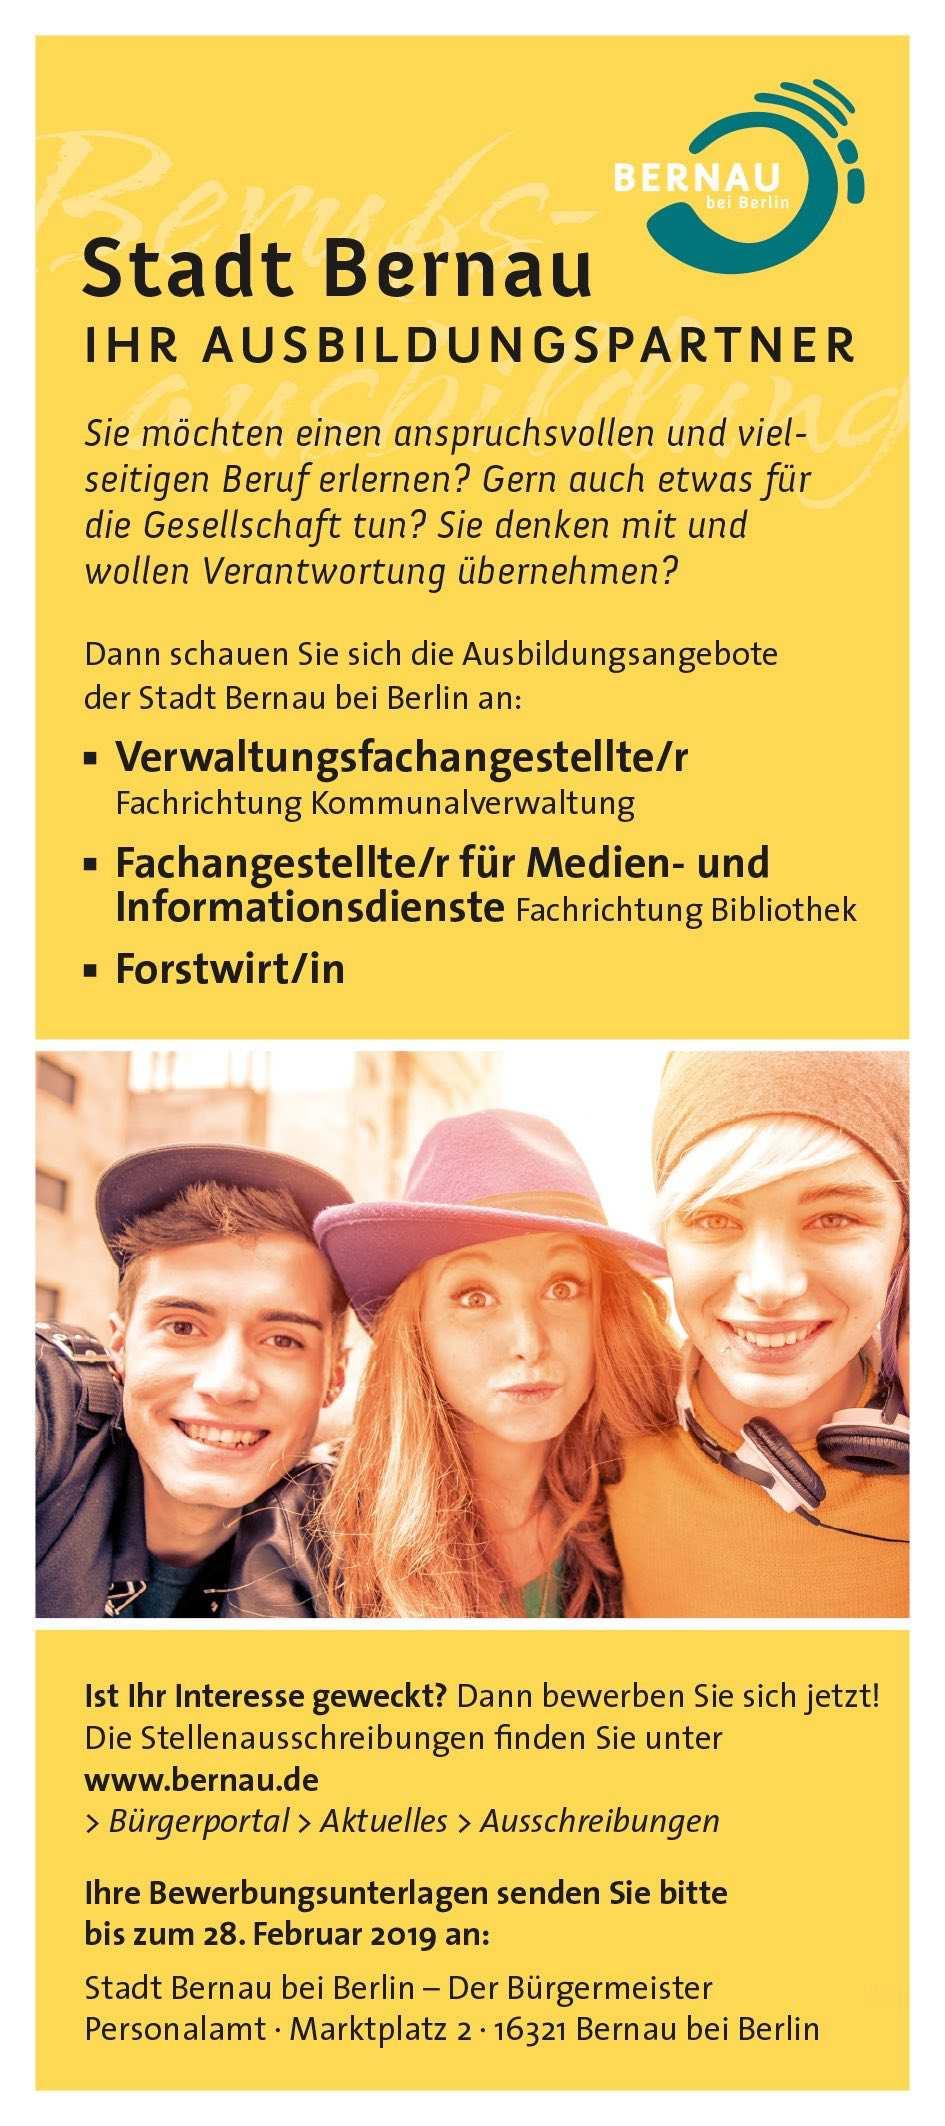 Deine Ausbildung bei der Stadt Bernau bei Berlin